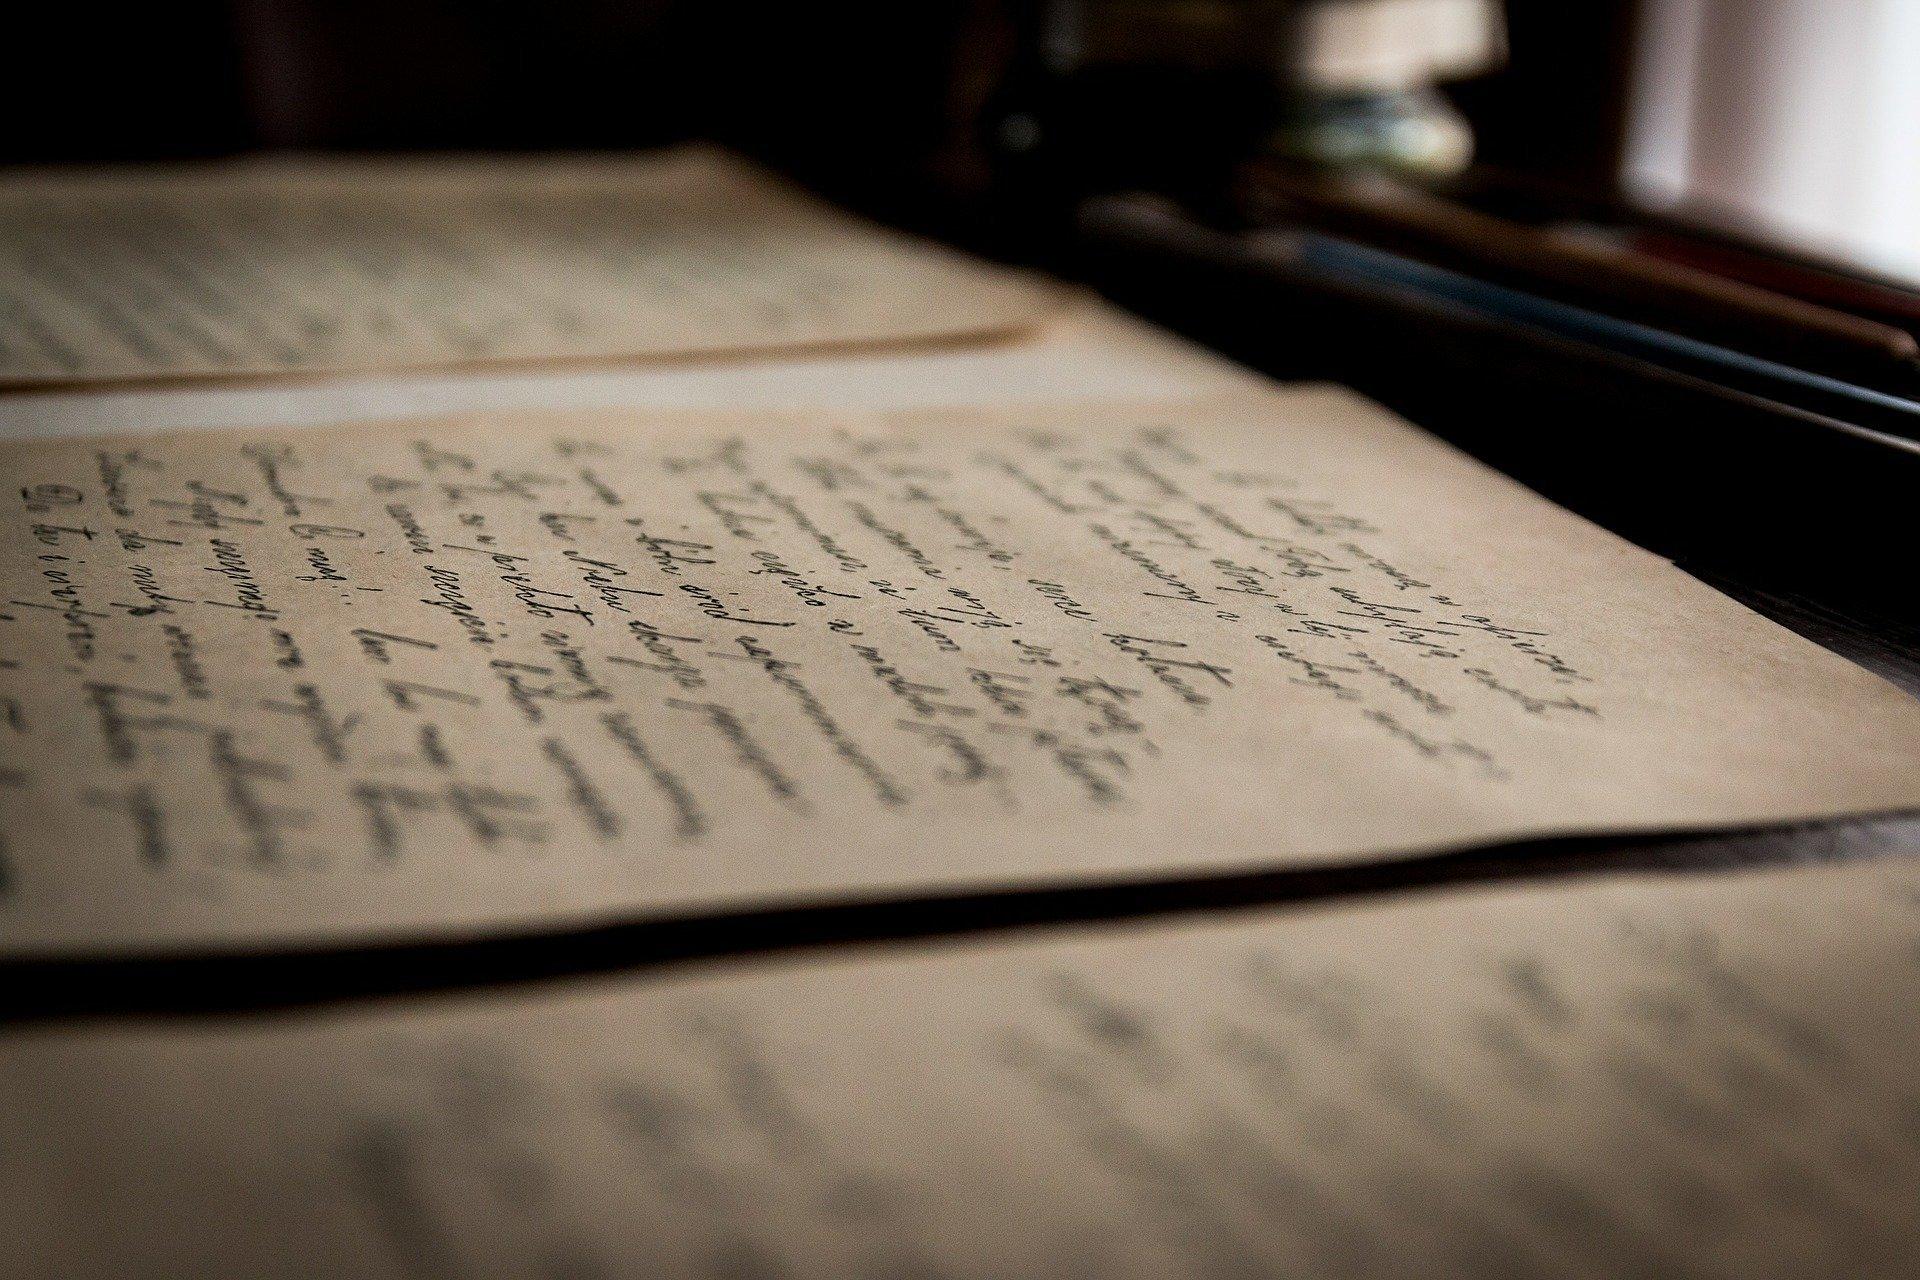 Zweiter Brief vom 6.4.2012